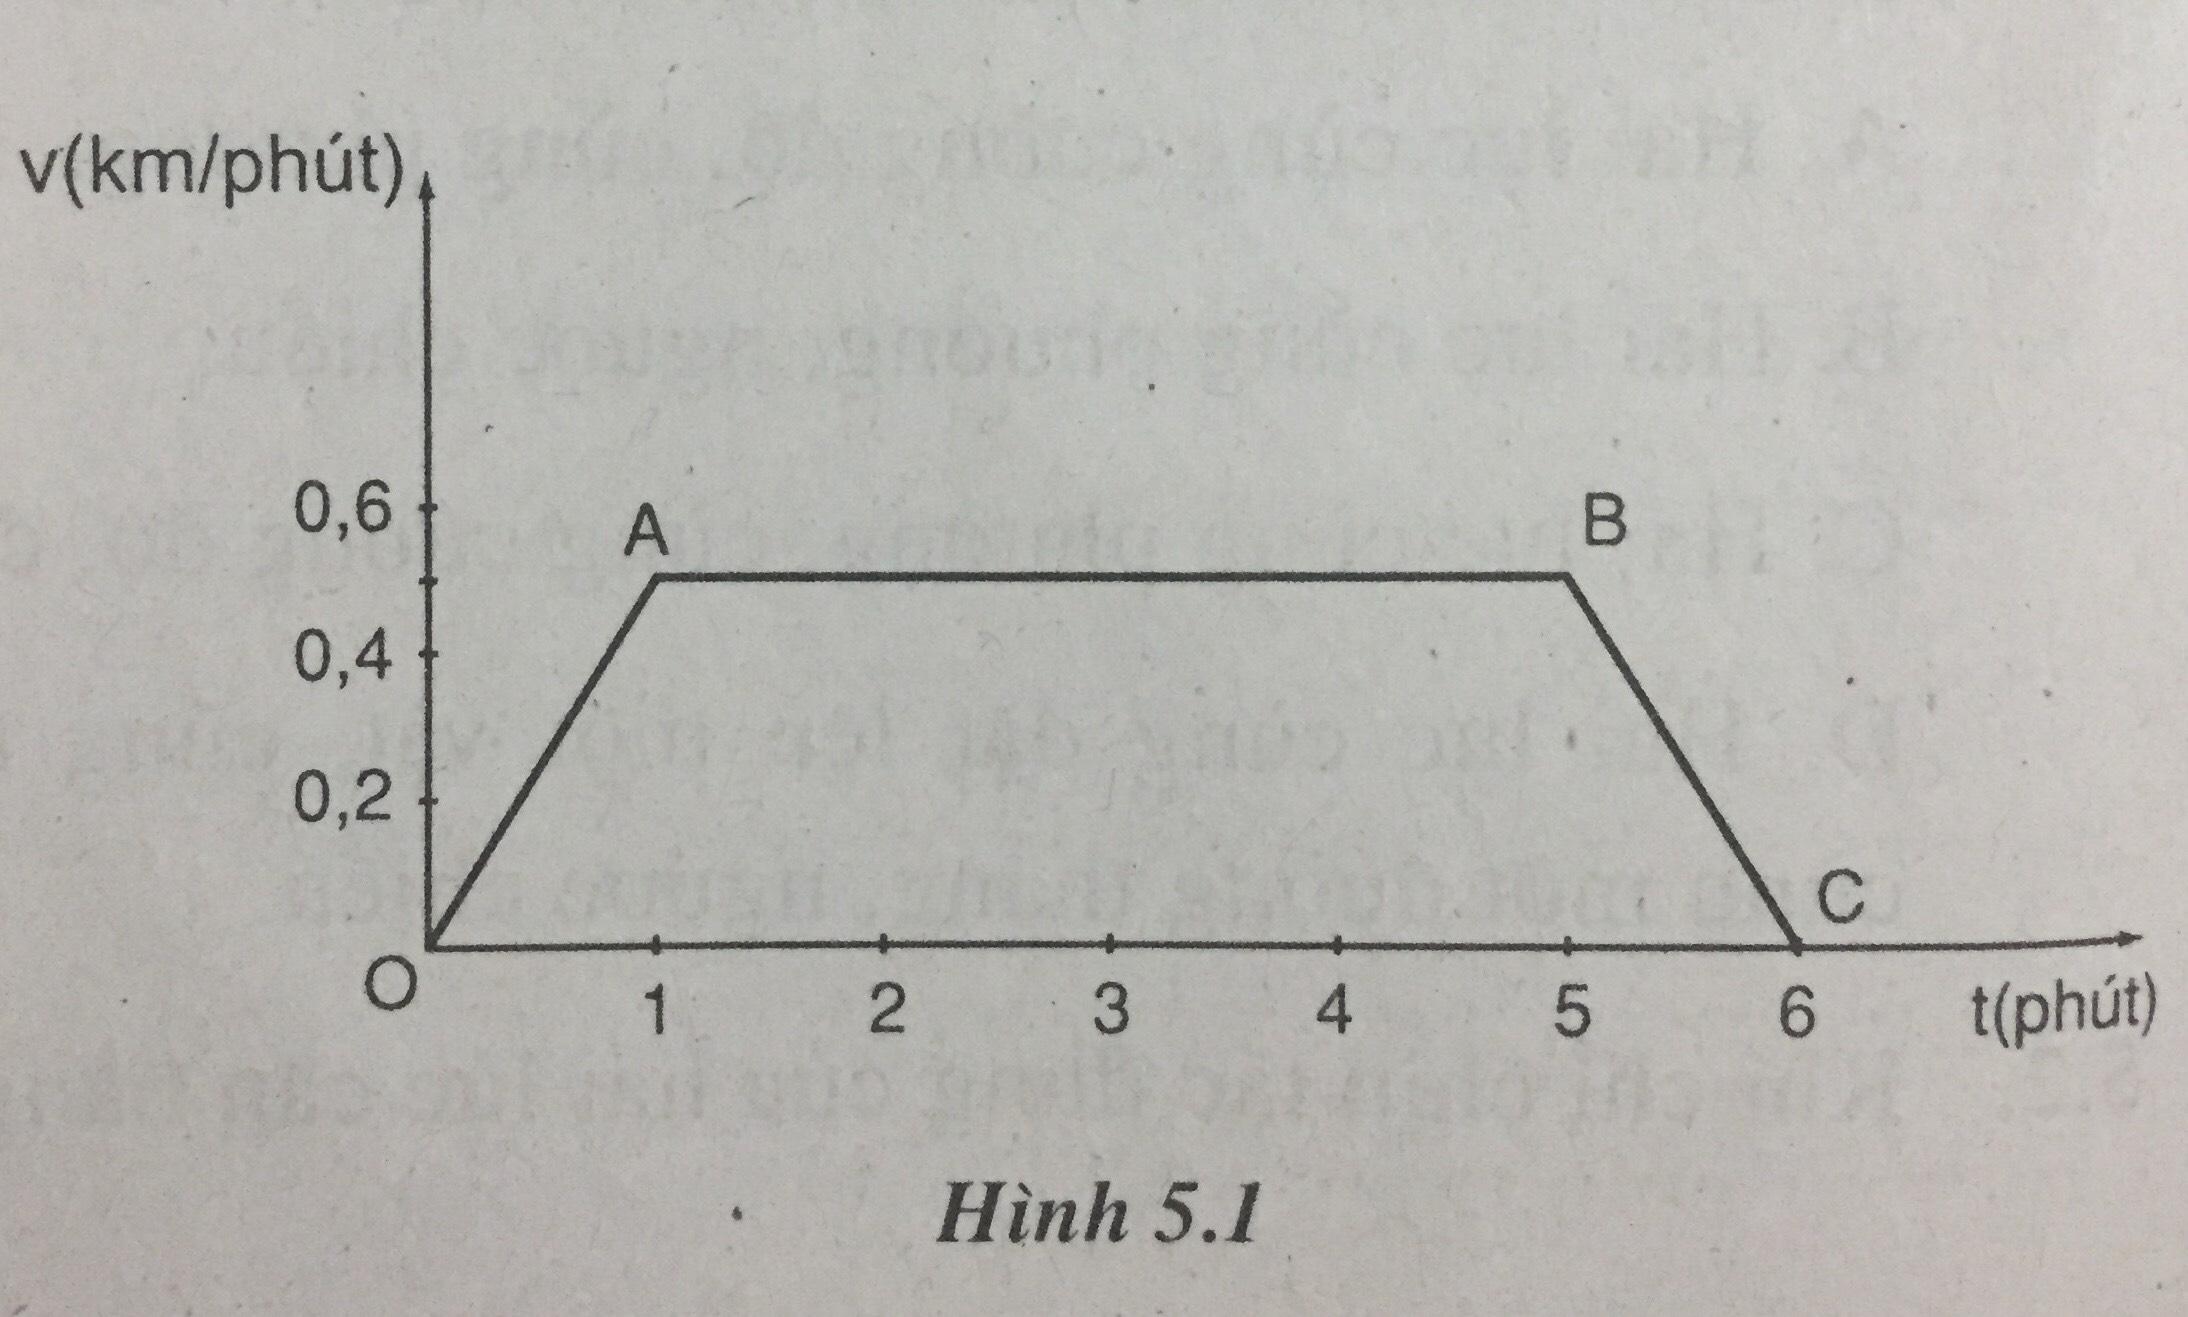 Hình 5.1